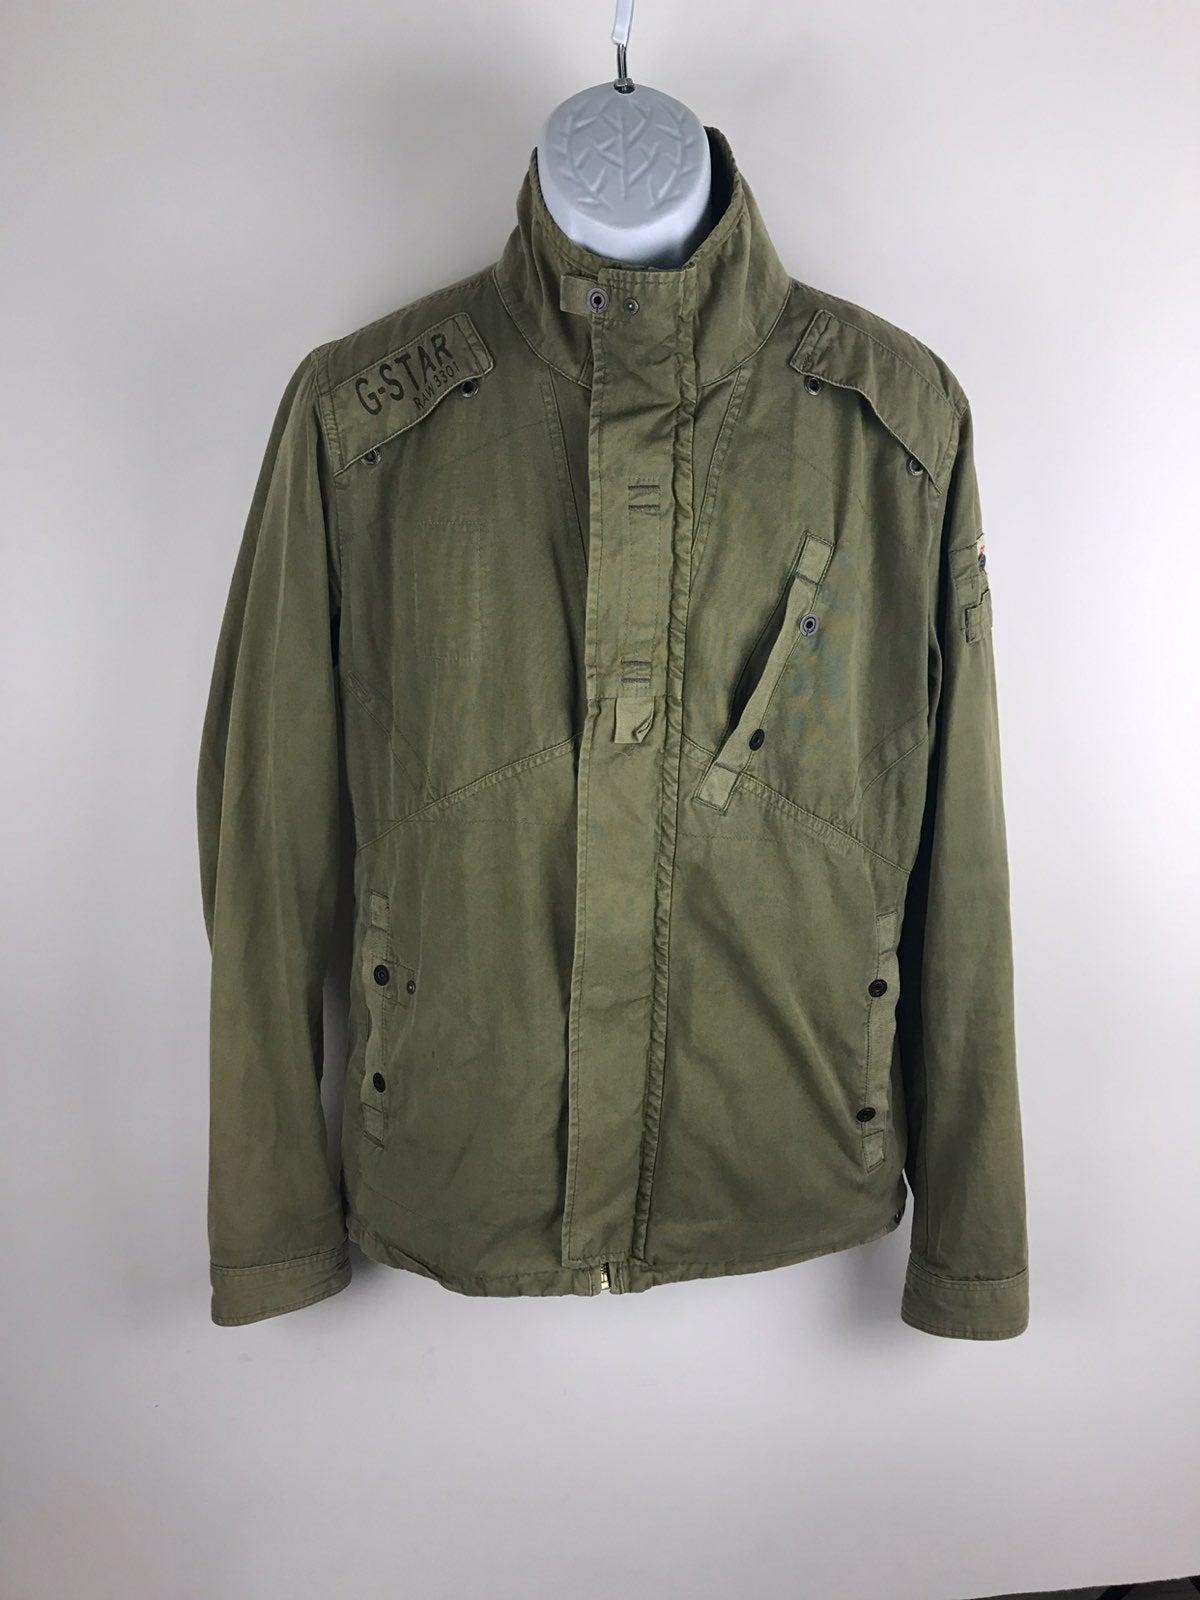 G Star Jacket Size Large